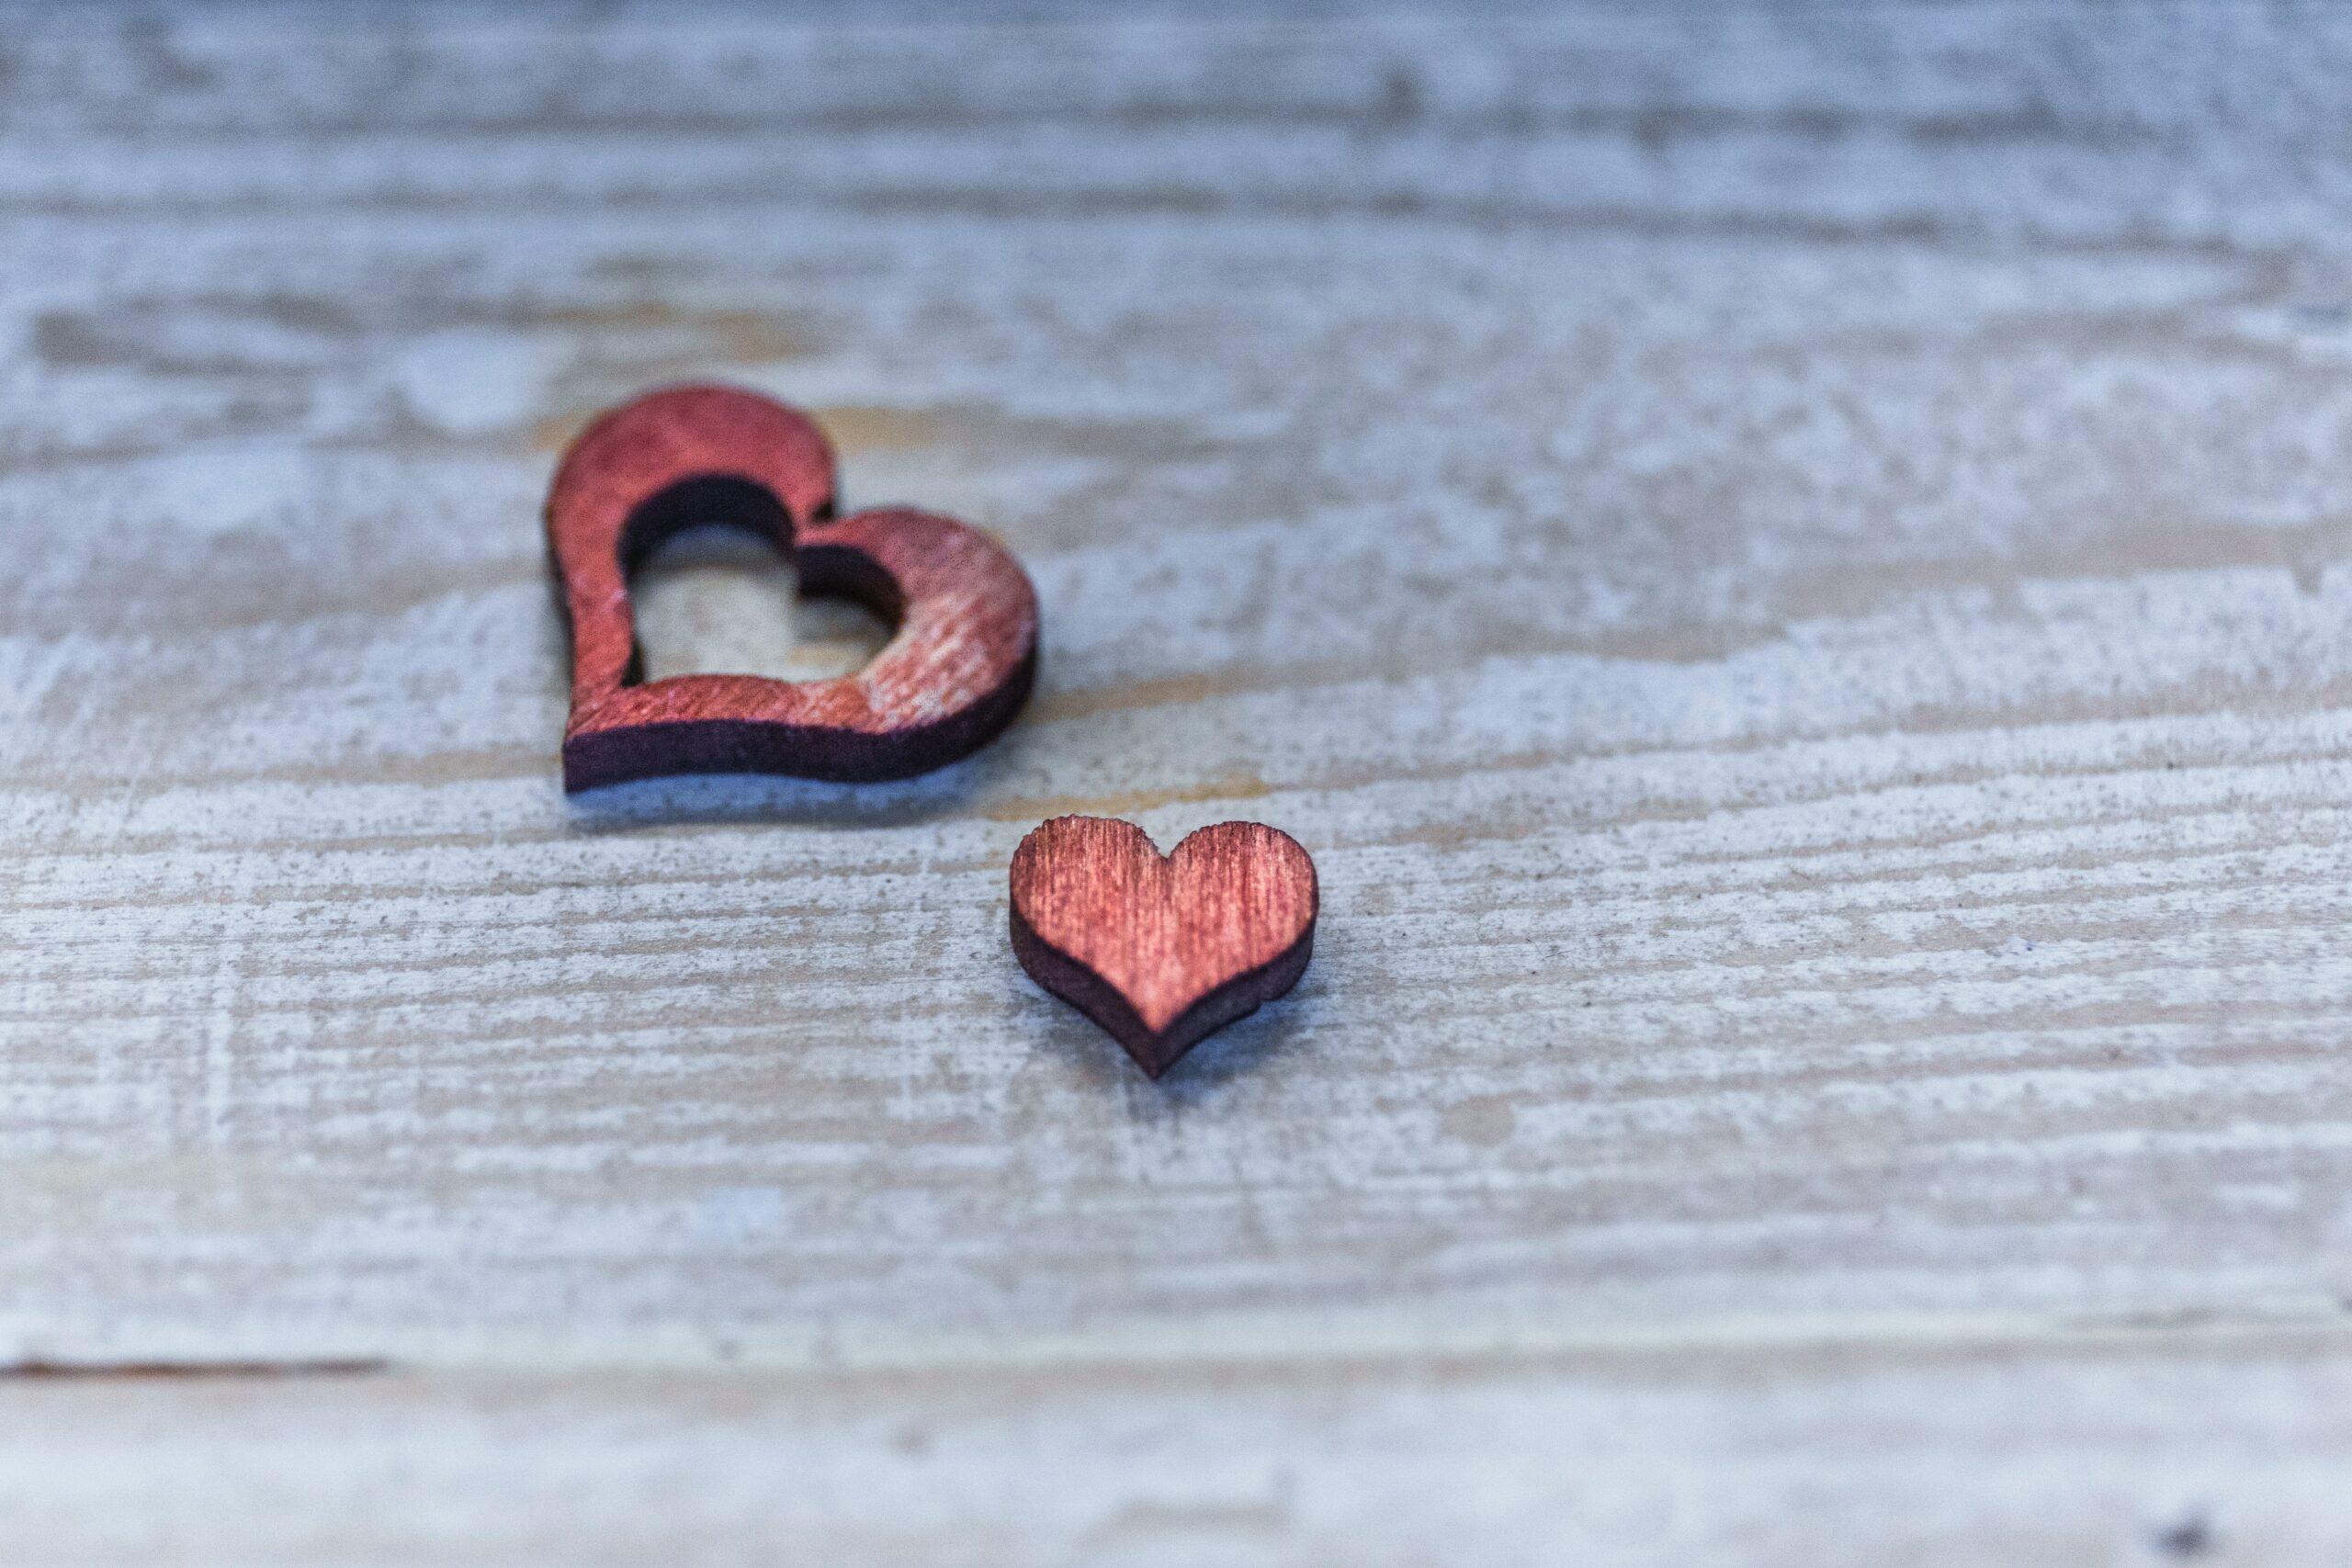 Heile dein Herz, um Liebe neu zu erfahren!